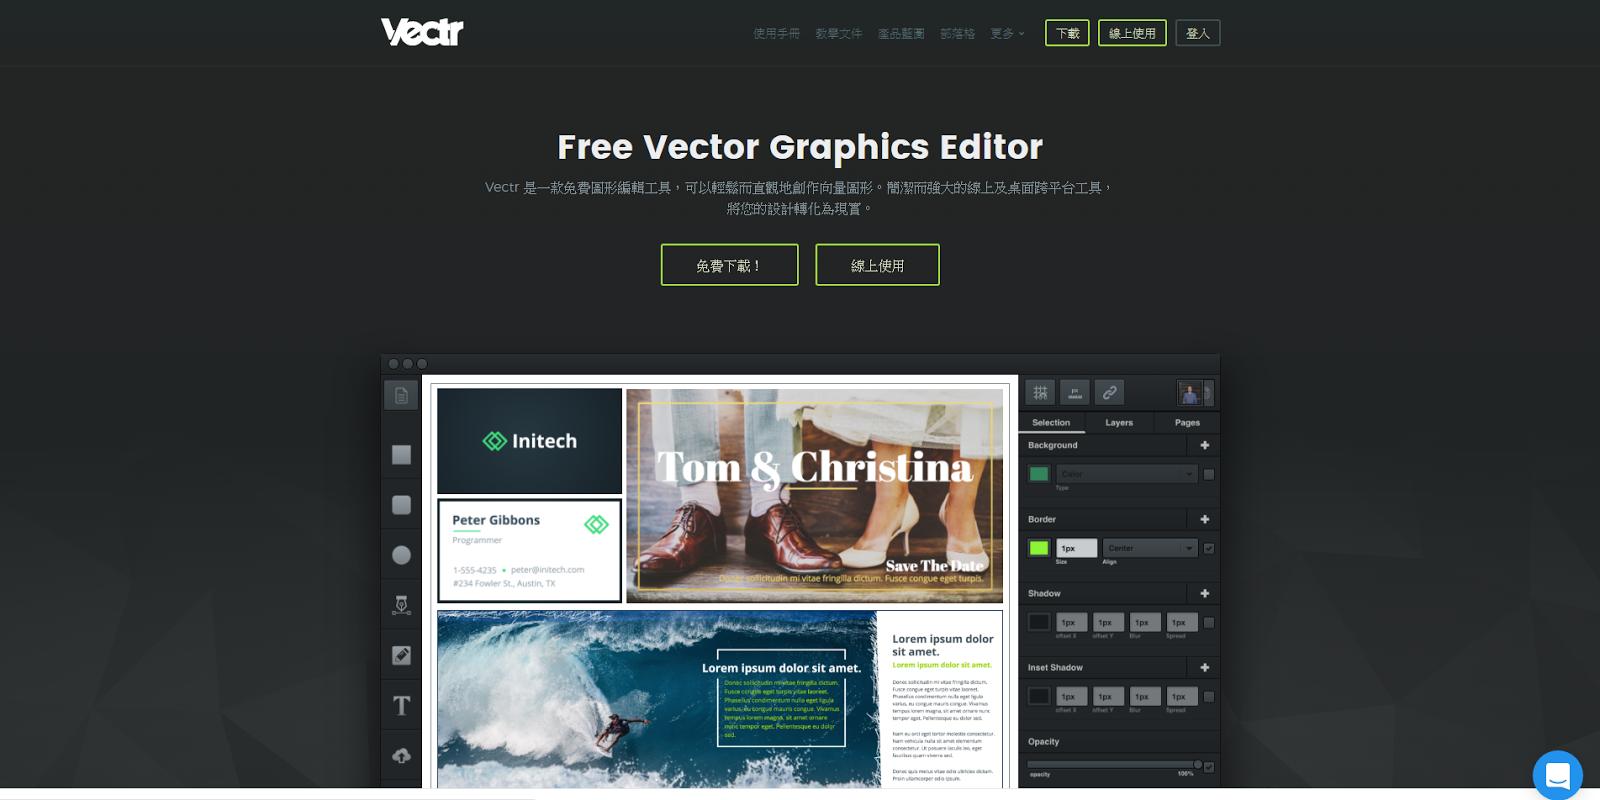 Vectr 免費跨平台同步圖形編輯工具,訴求簡單創作向量圖檔